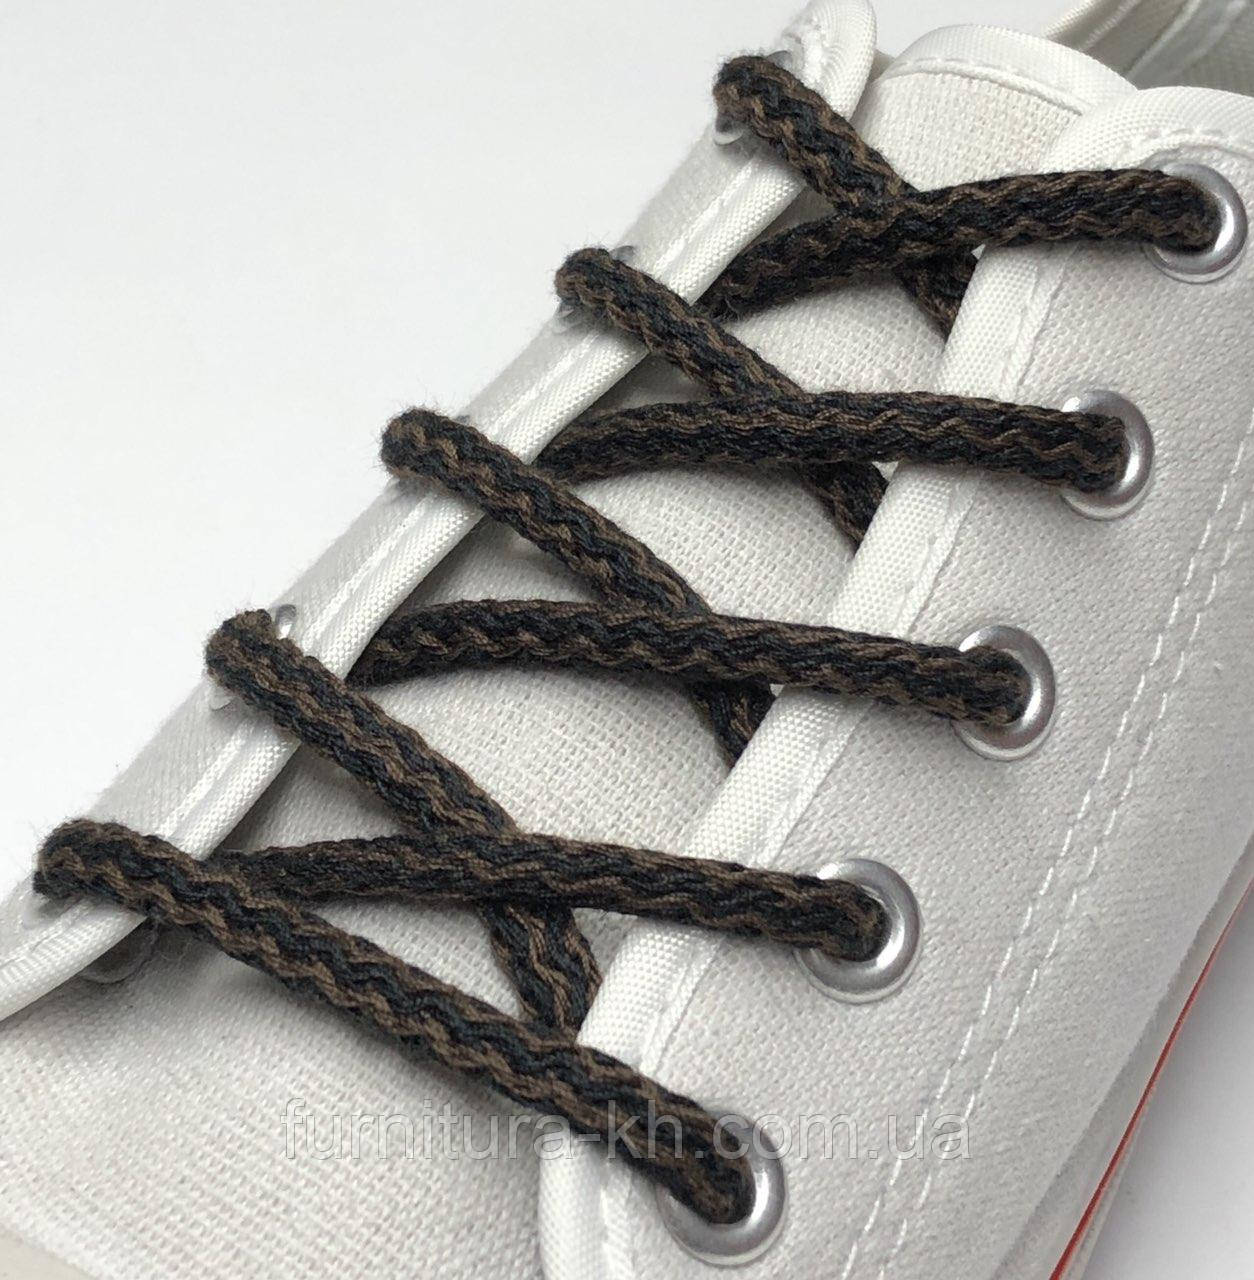 Шнурок Простой Круглый.Длинна 1,2 метр цвет Черно Коричневый (толщина 5 мм)